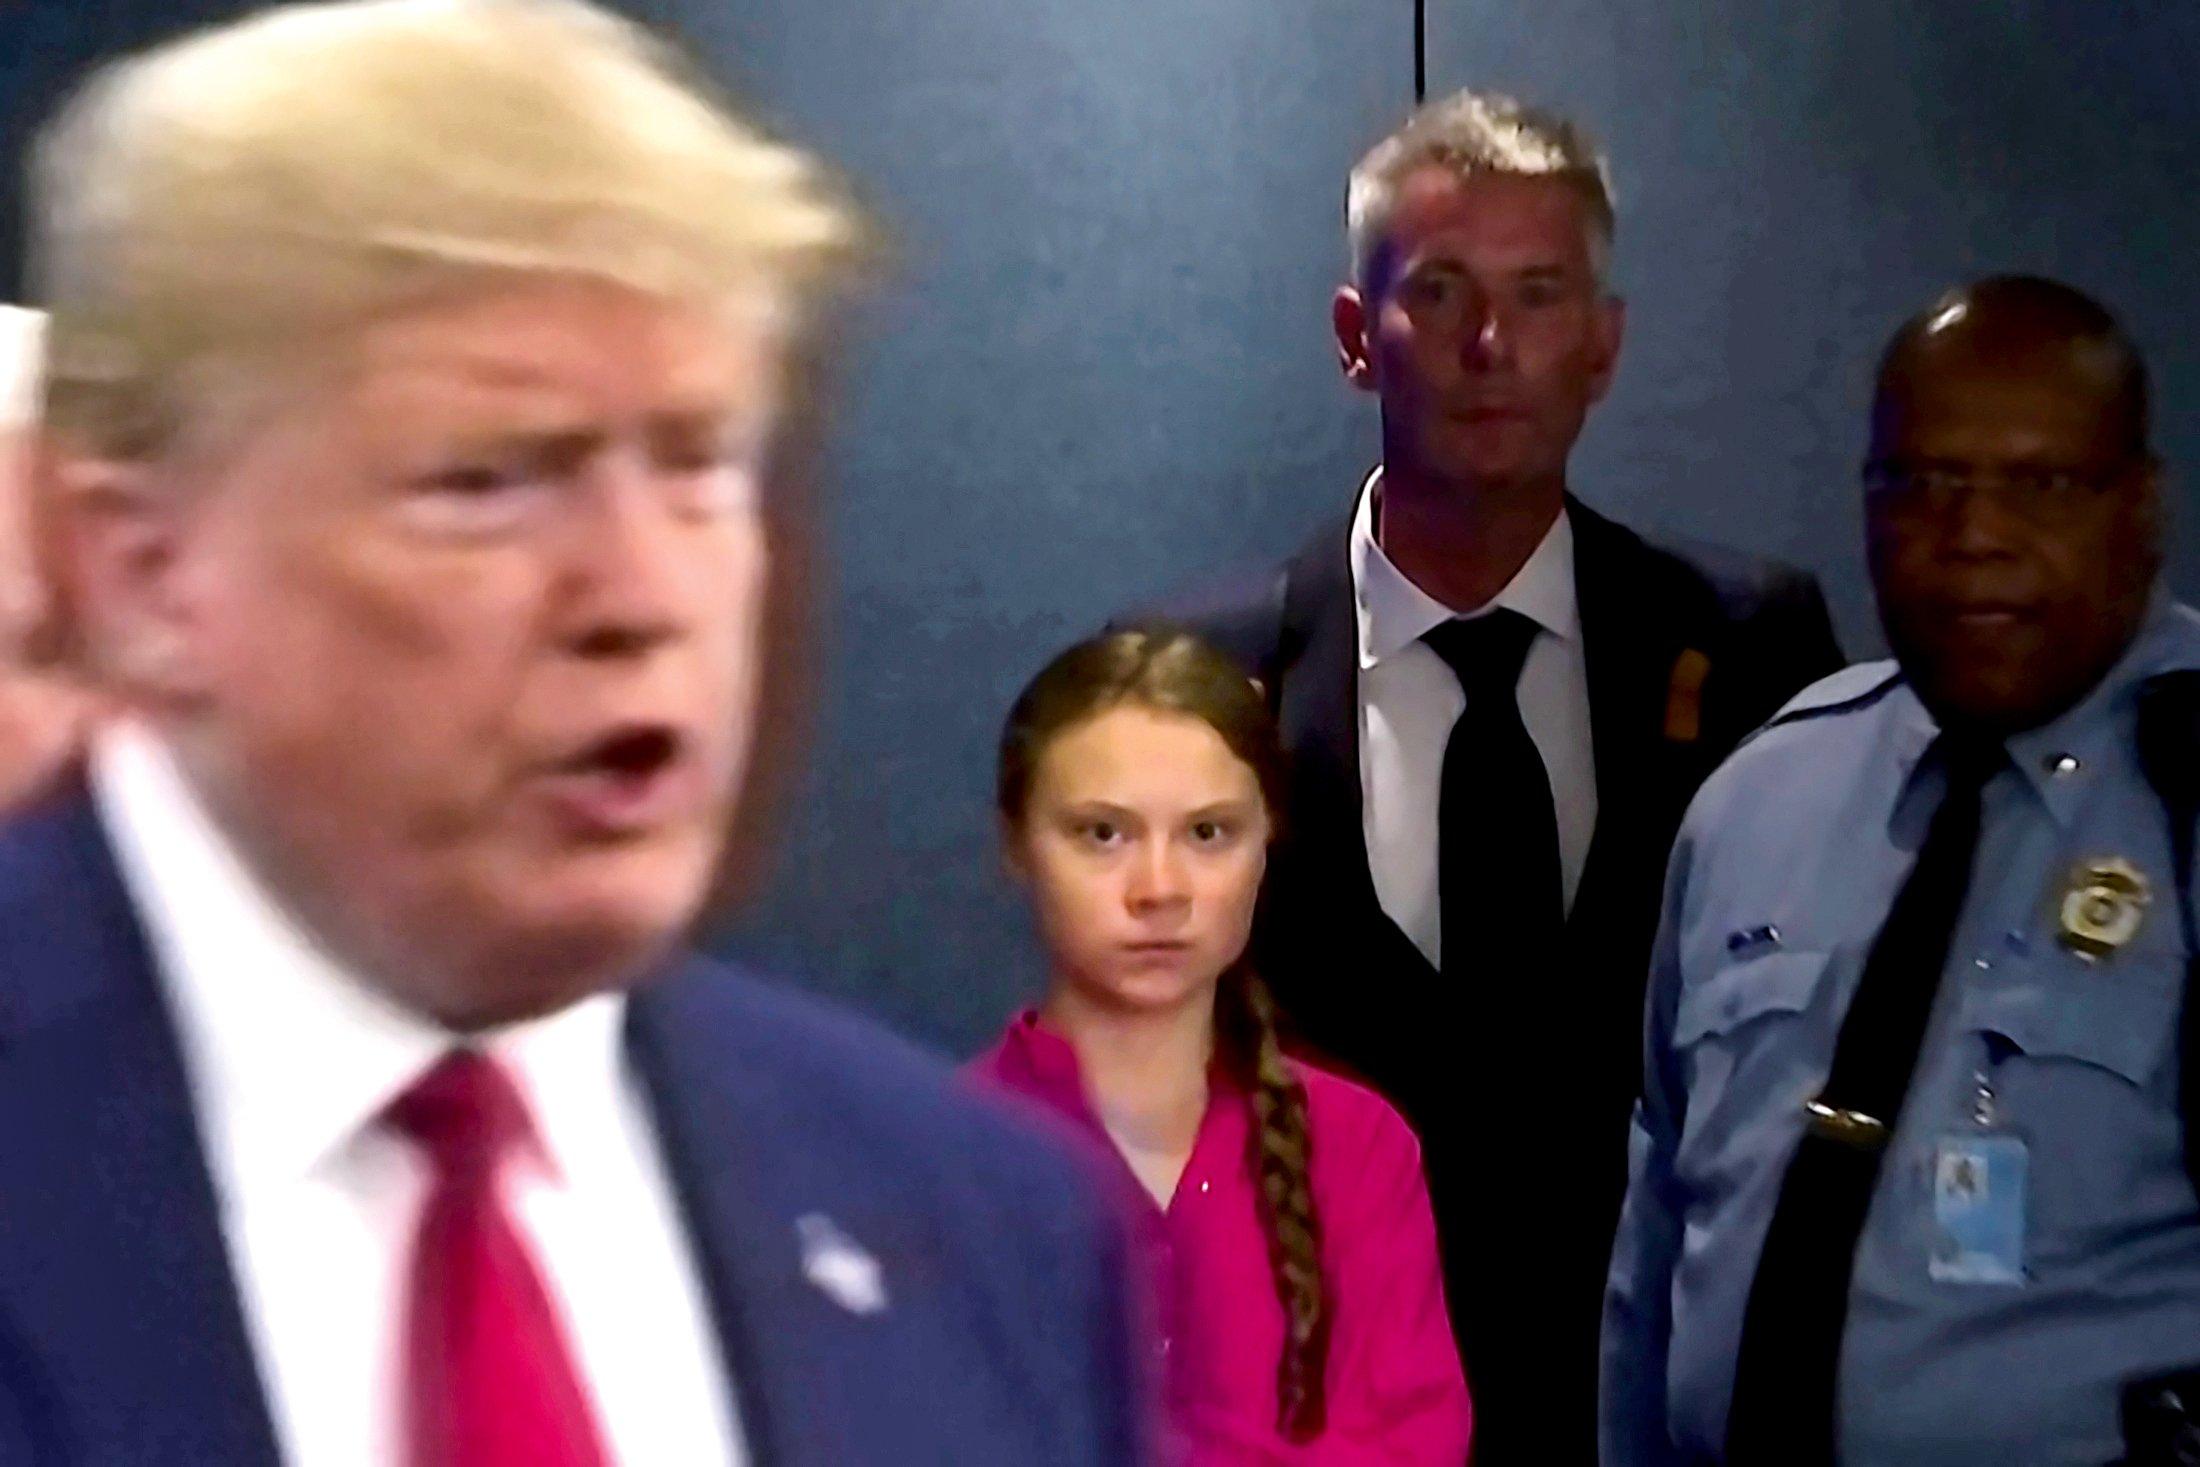 <p>GEGENSÄTZE<br /> Greta lehnt es ab, mit Donald Trump zu sprechen – es hätte keinen Sinn, sagt sie. Bei den Vereinten Nationen in New York trafen sie aufeinander. Ihr Blick spricht Bände</p>